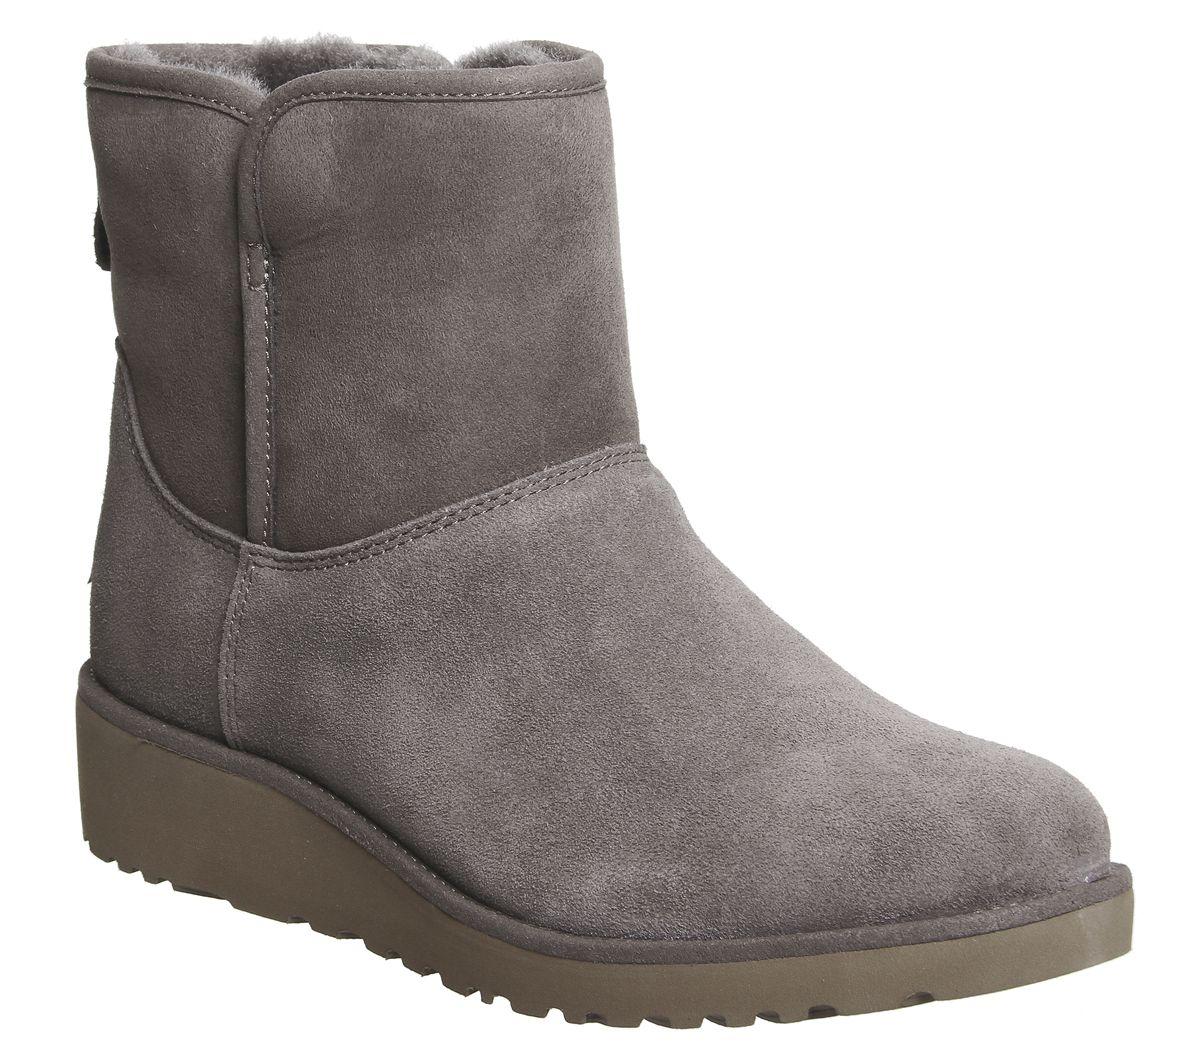 e1aa15a1e68 Classic Slim Kristin Mini Boots